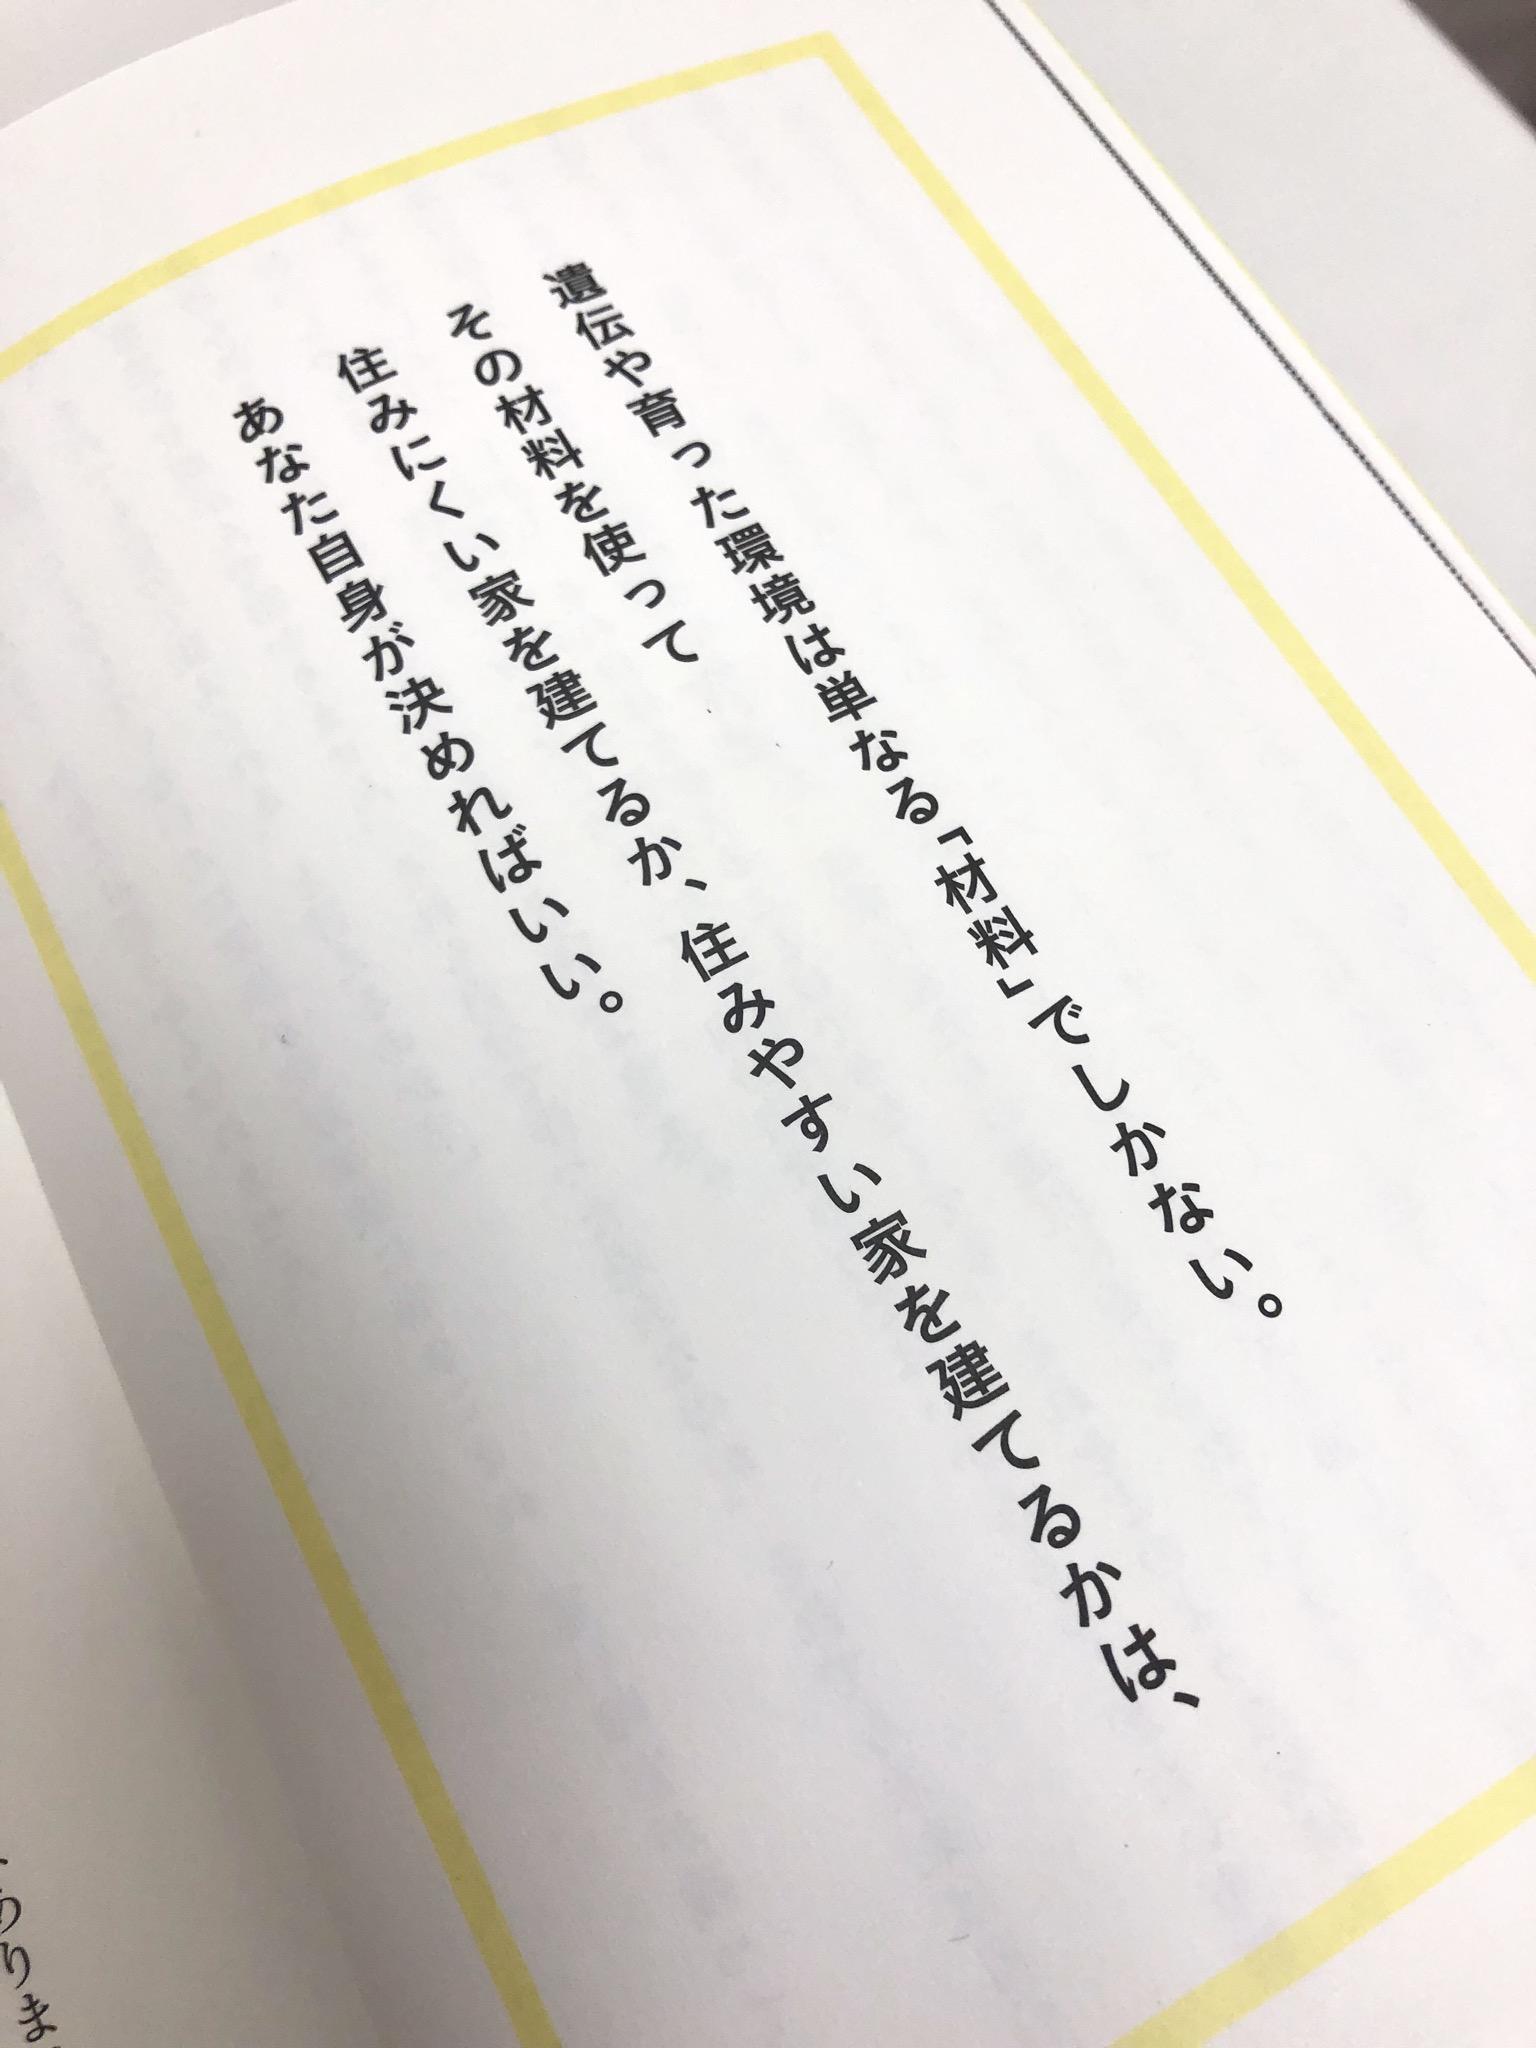 心理学勉強会(心の勉強会)